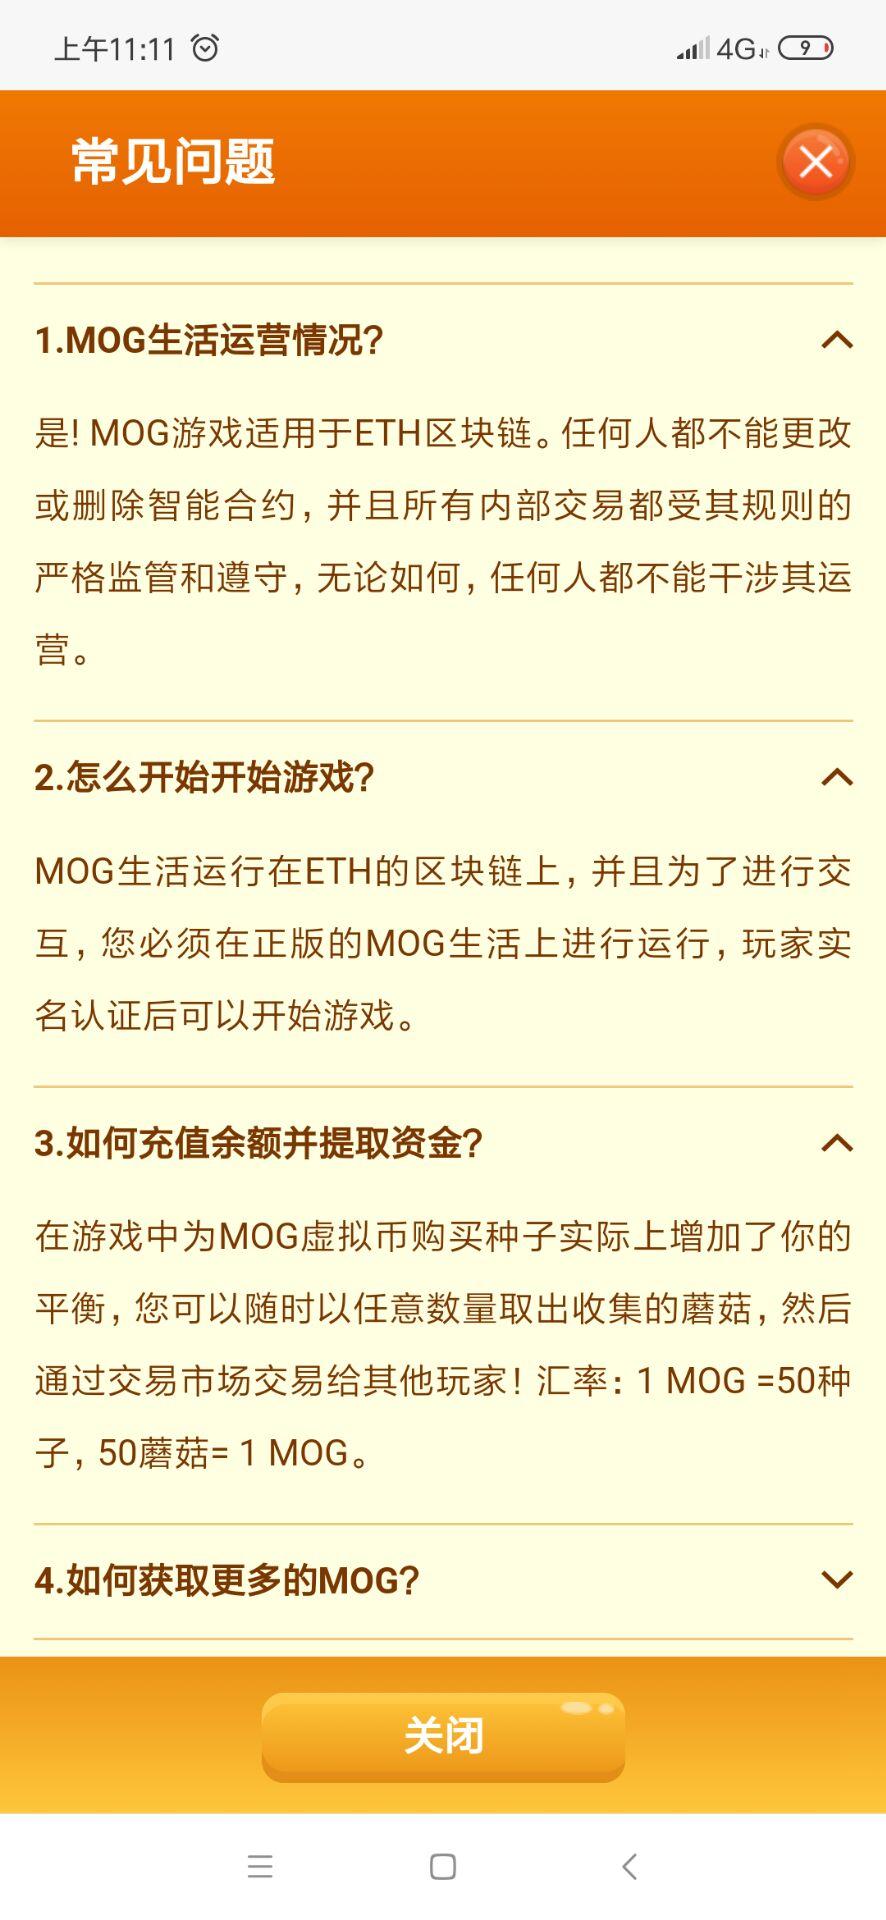 蘑菇生活是什么项目?MogLife可以0撸赚钱吗?蘑菇生活新手操作图文教程。插图6